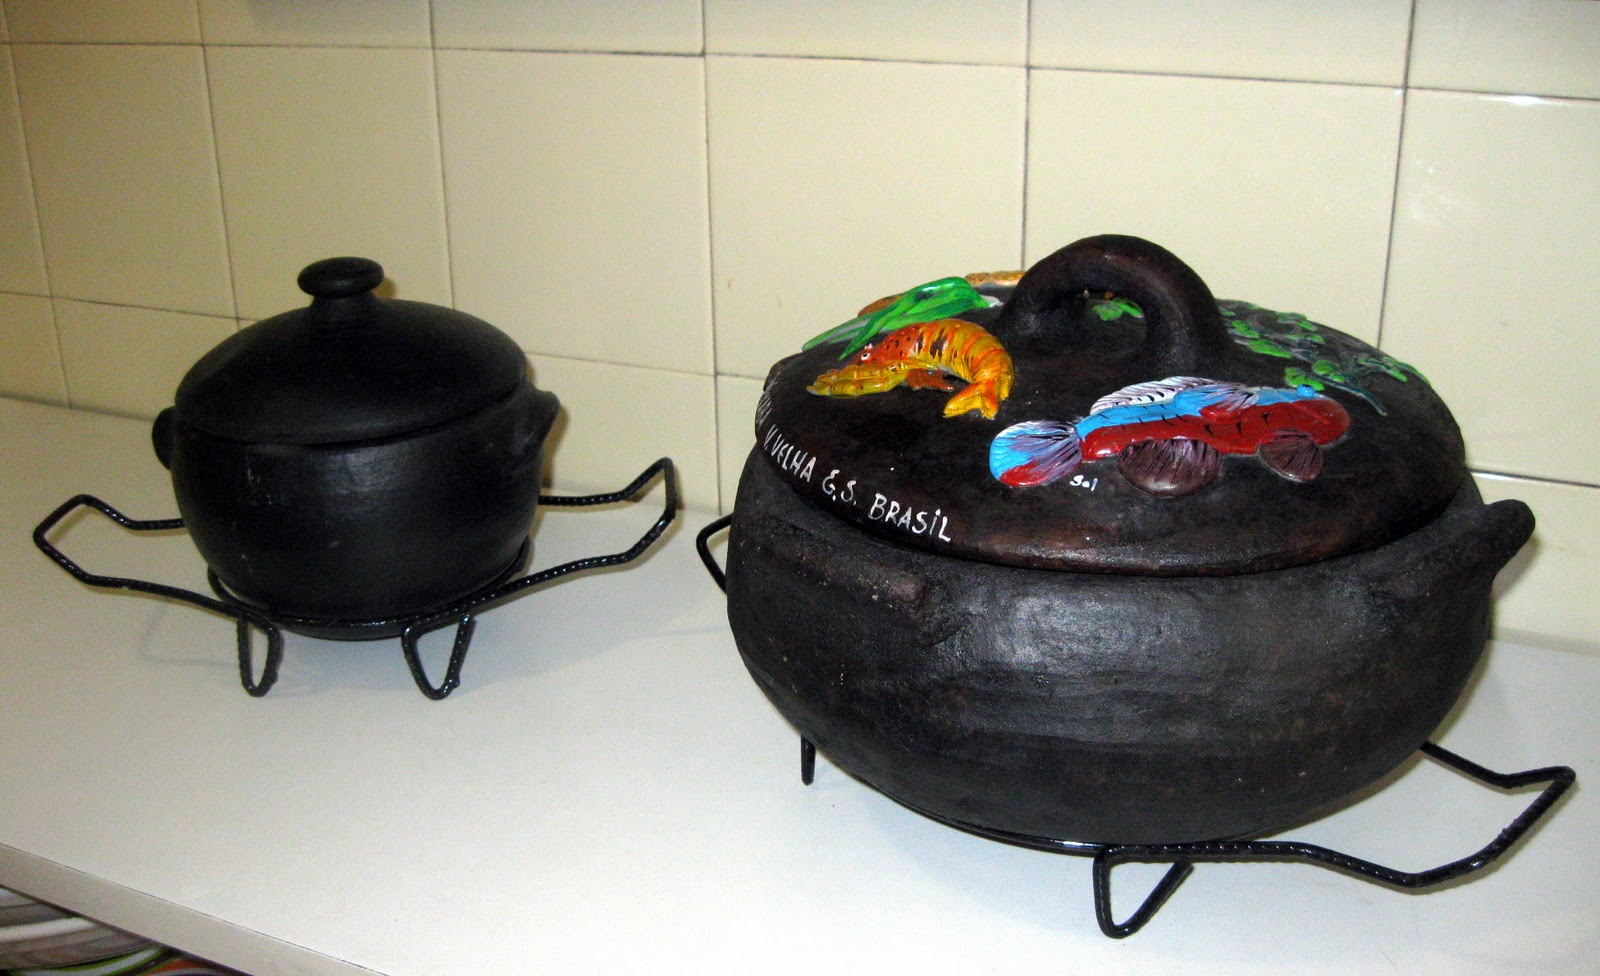 clay pot vs cast iron Qualidade de Vida: Cast Iron vs Clay Pots